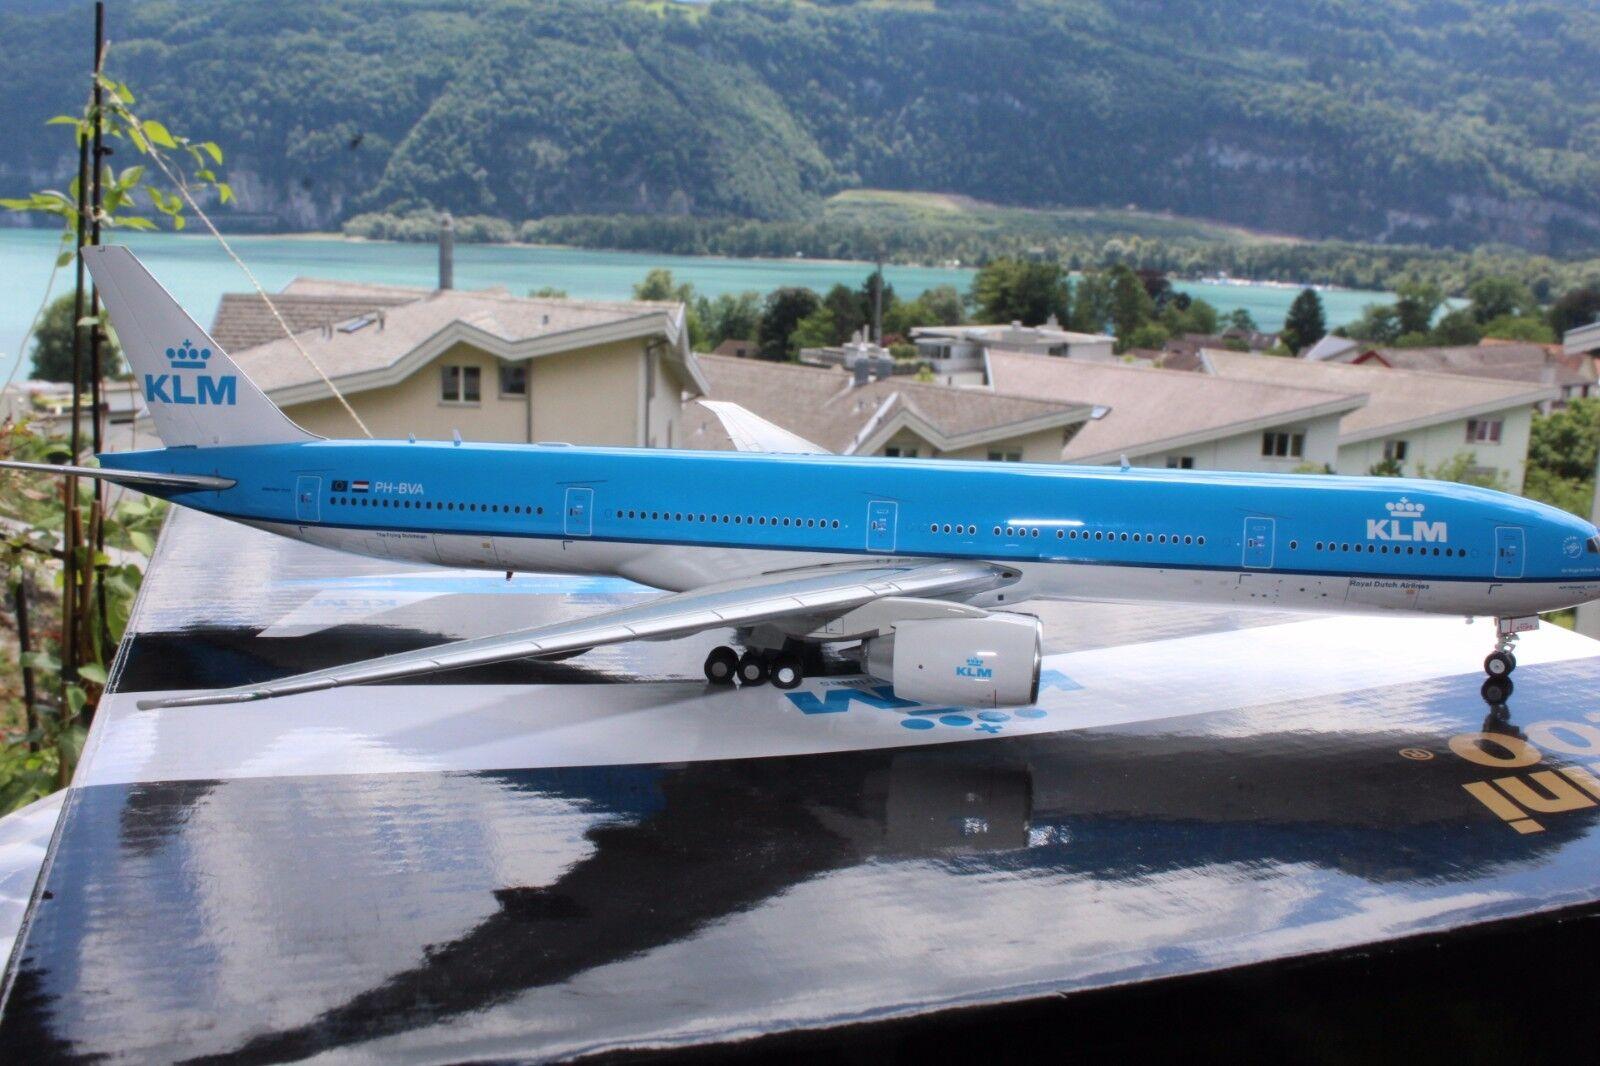 KLM B-777-300ER (PH-BVA ), 1 200, Gemini Jets, Very Rare